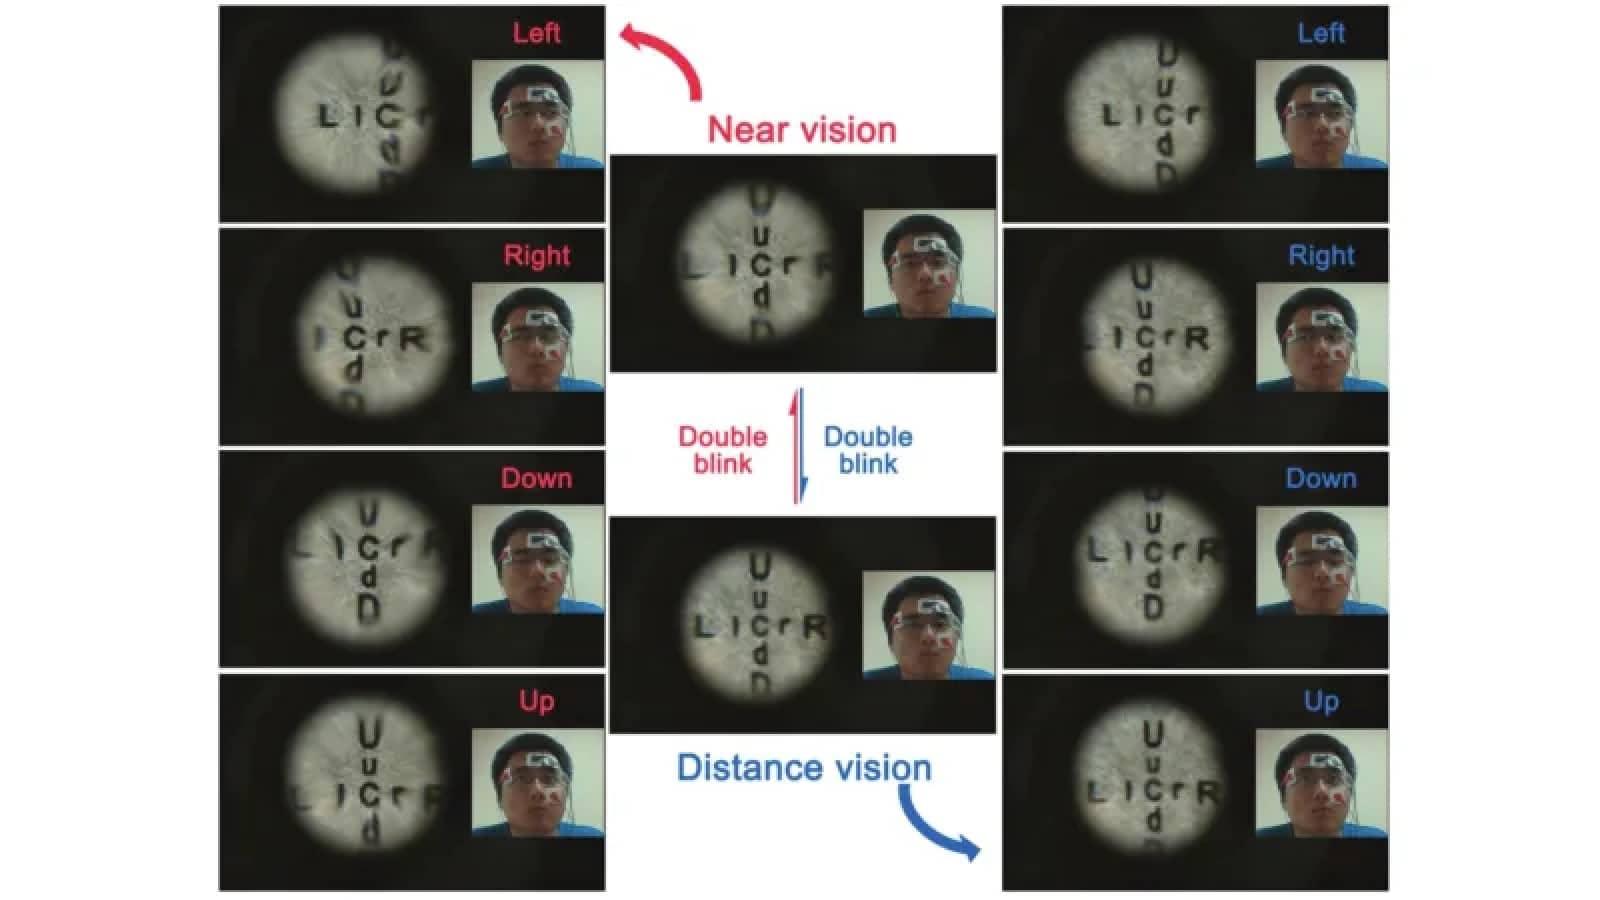 Wissenschaftler haben Kontaktlinsen hergestellt, die durch Blinken vergrößert werden können 1